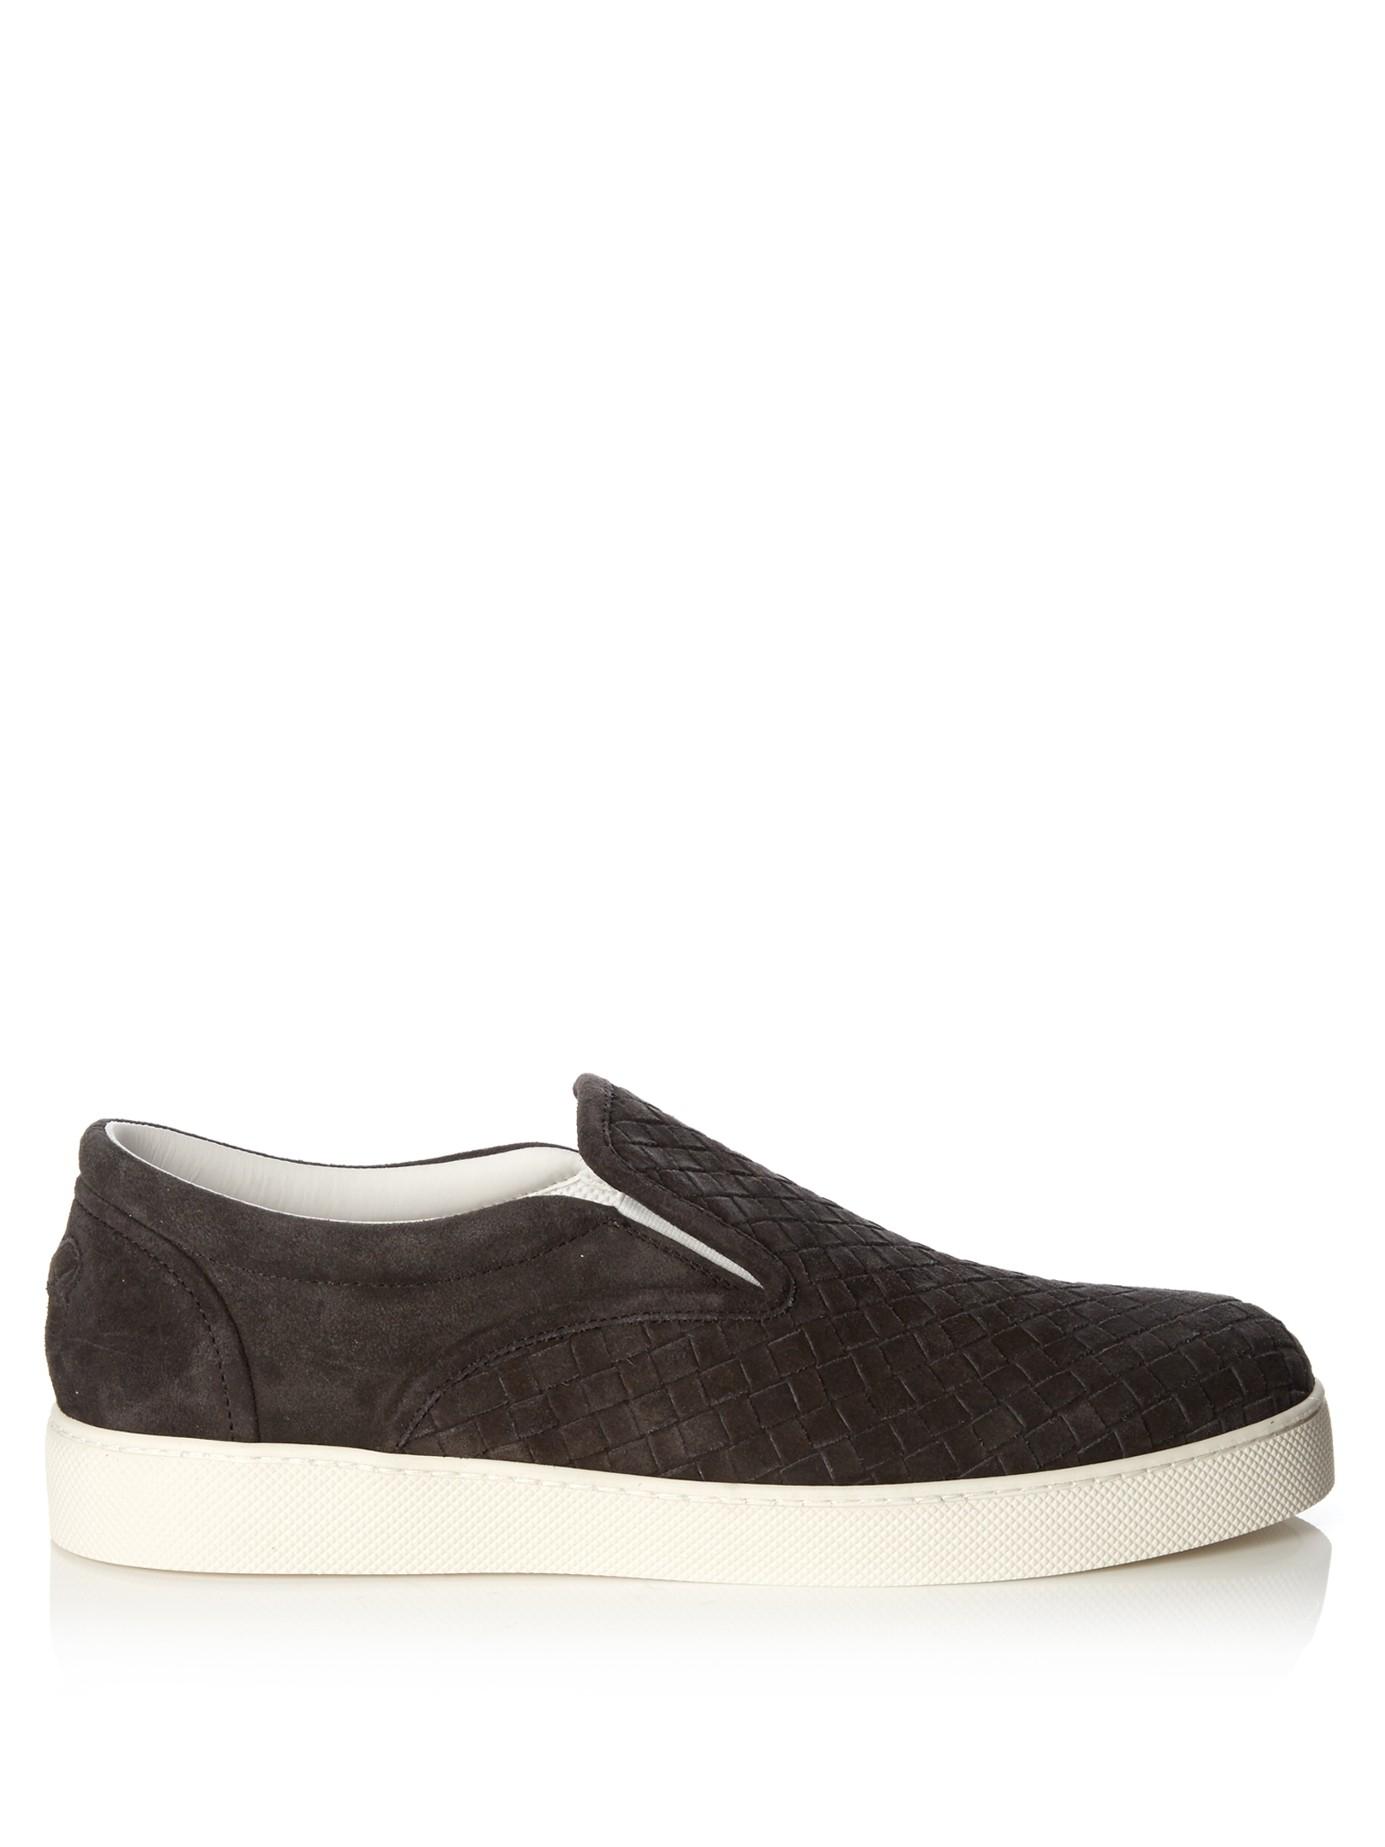 Bottega Veneta Gray Suede Shoes Men